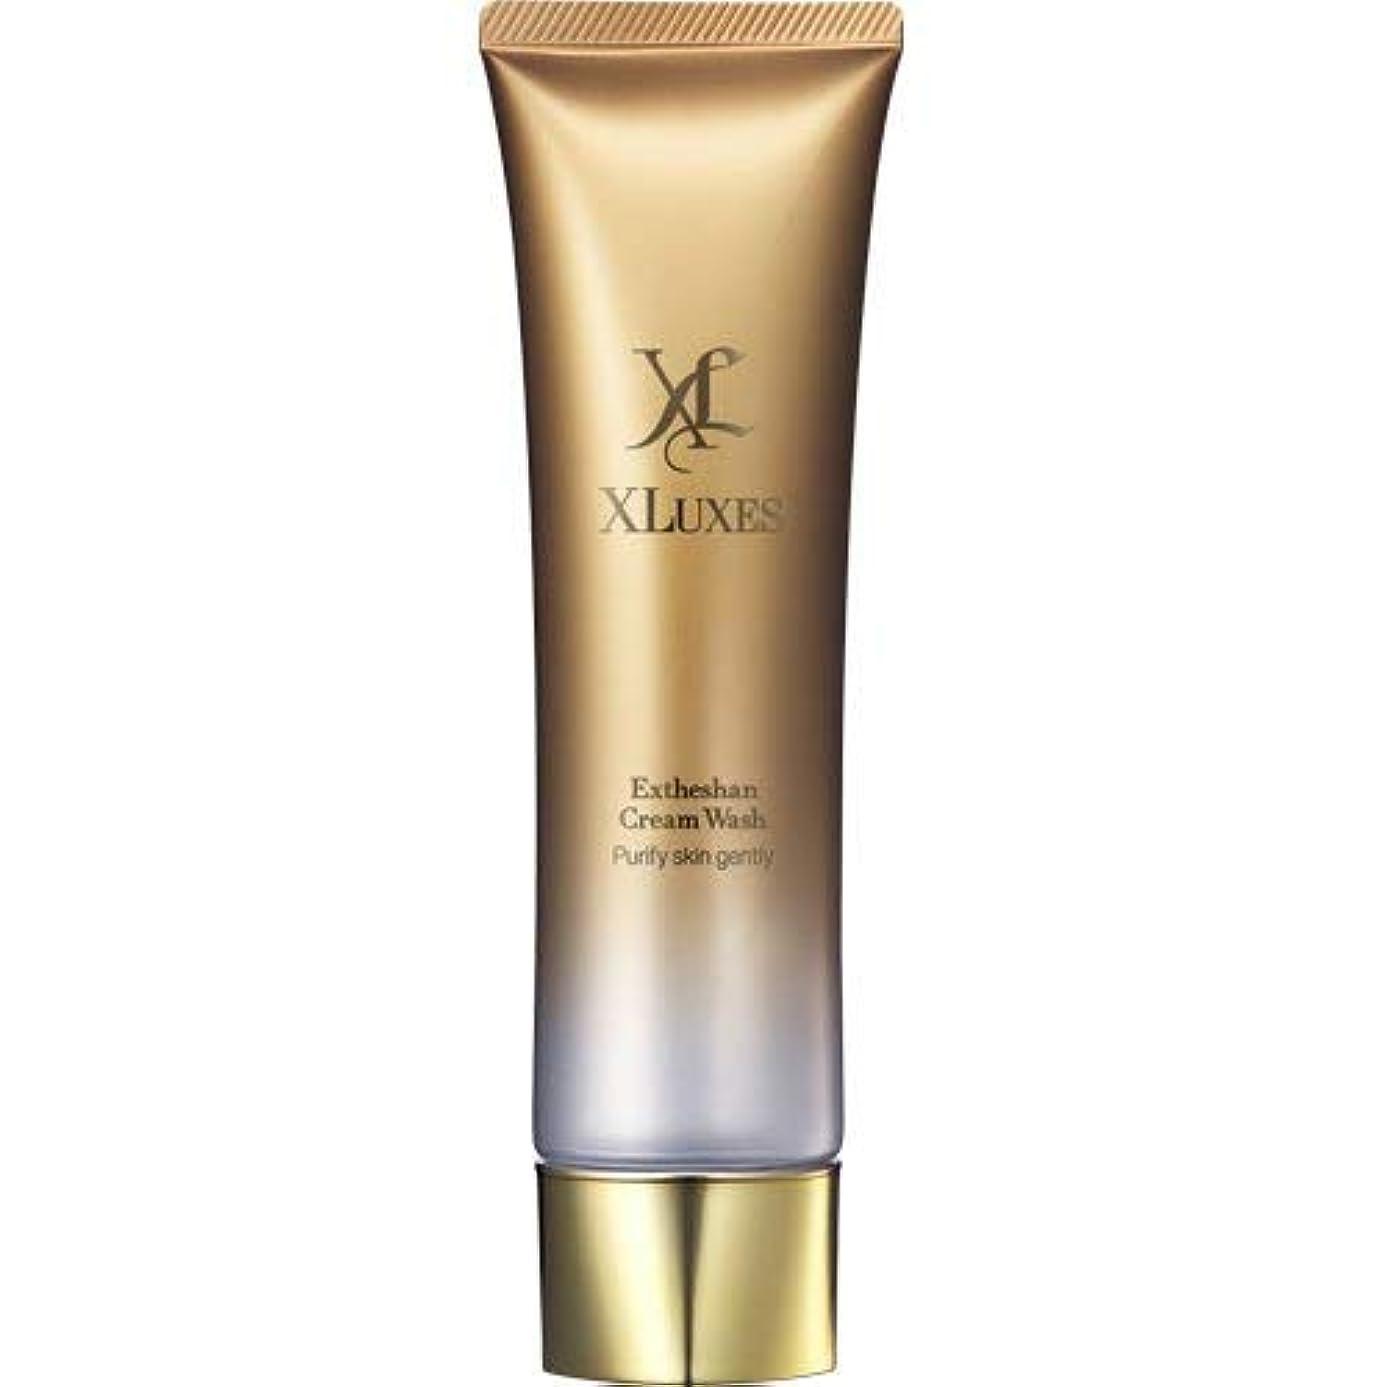 虫を数える団結する電子XLUXES 美容液洗顔 [ヒト幹細胞 培養液配合] エグゼティシャン クリームウォッシュ (ダマスクローズの香り)